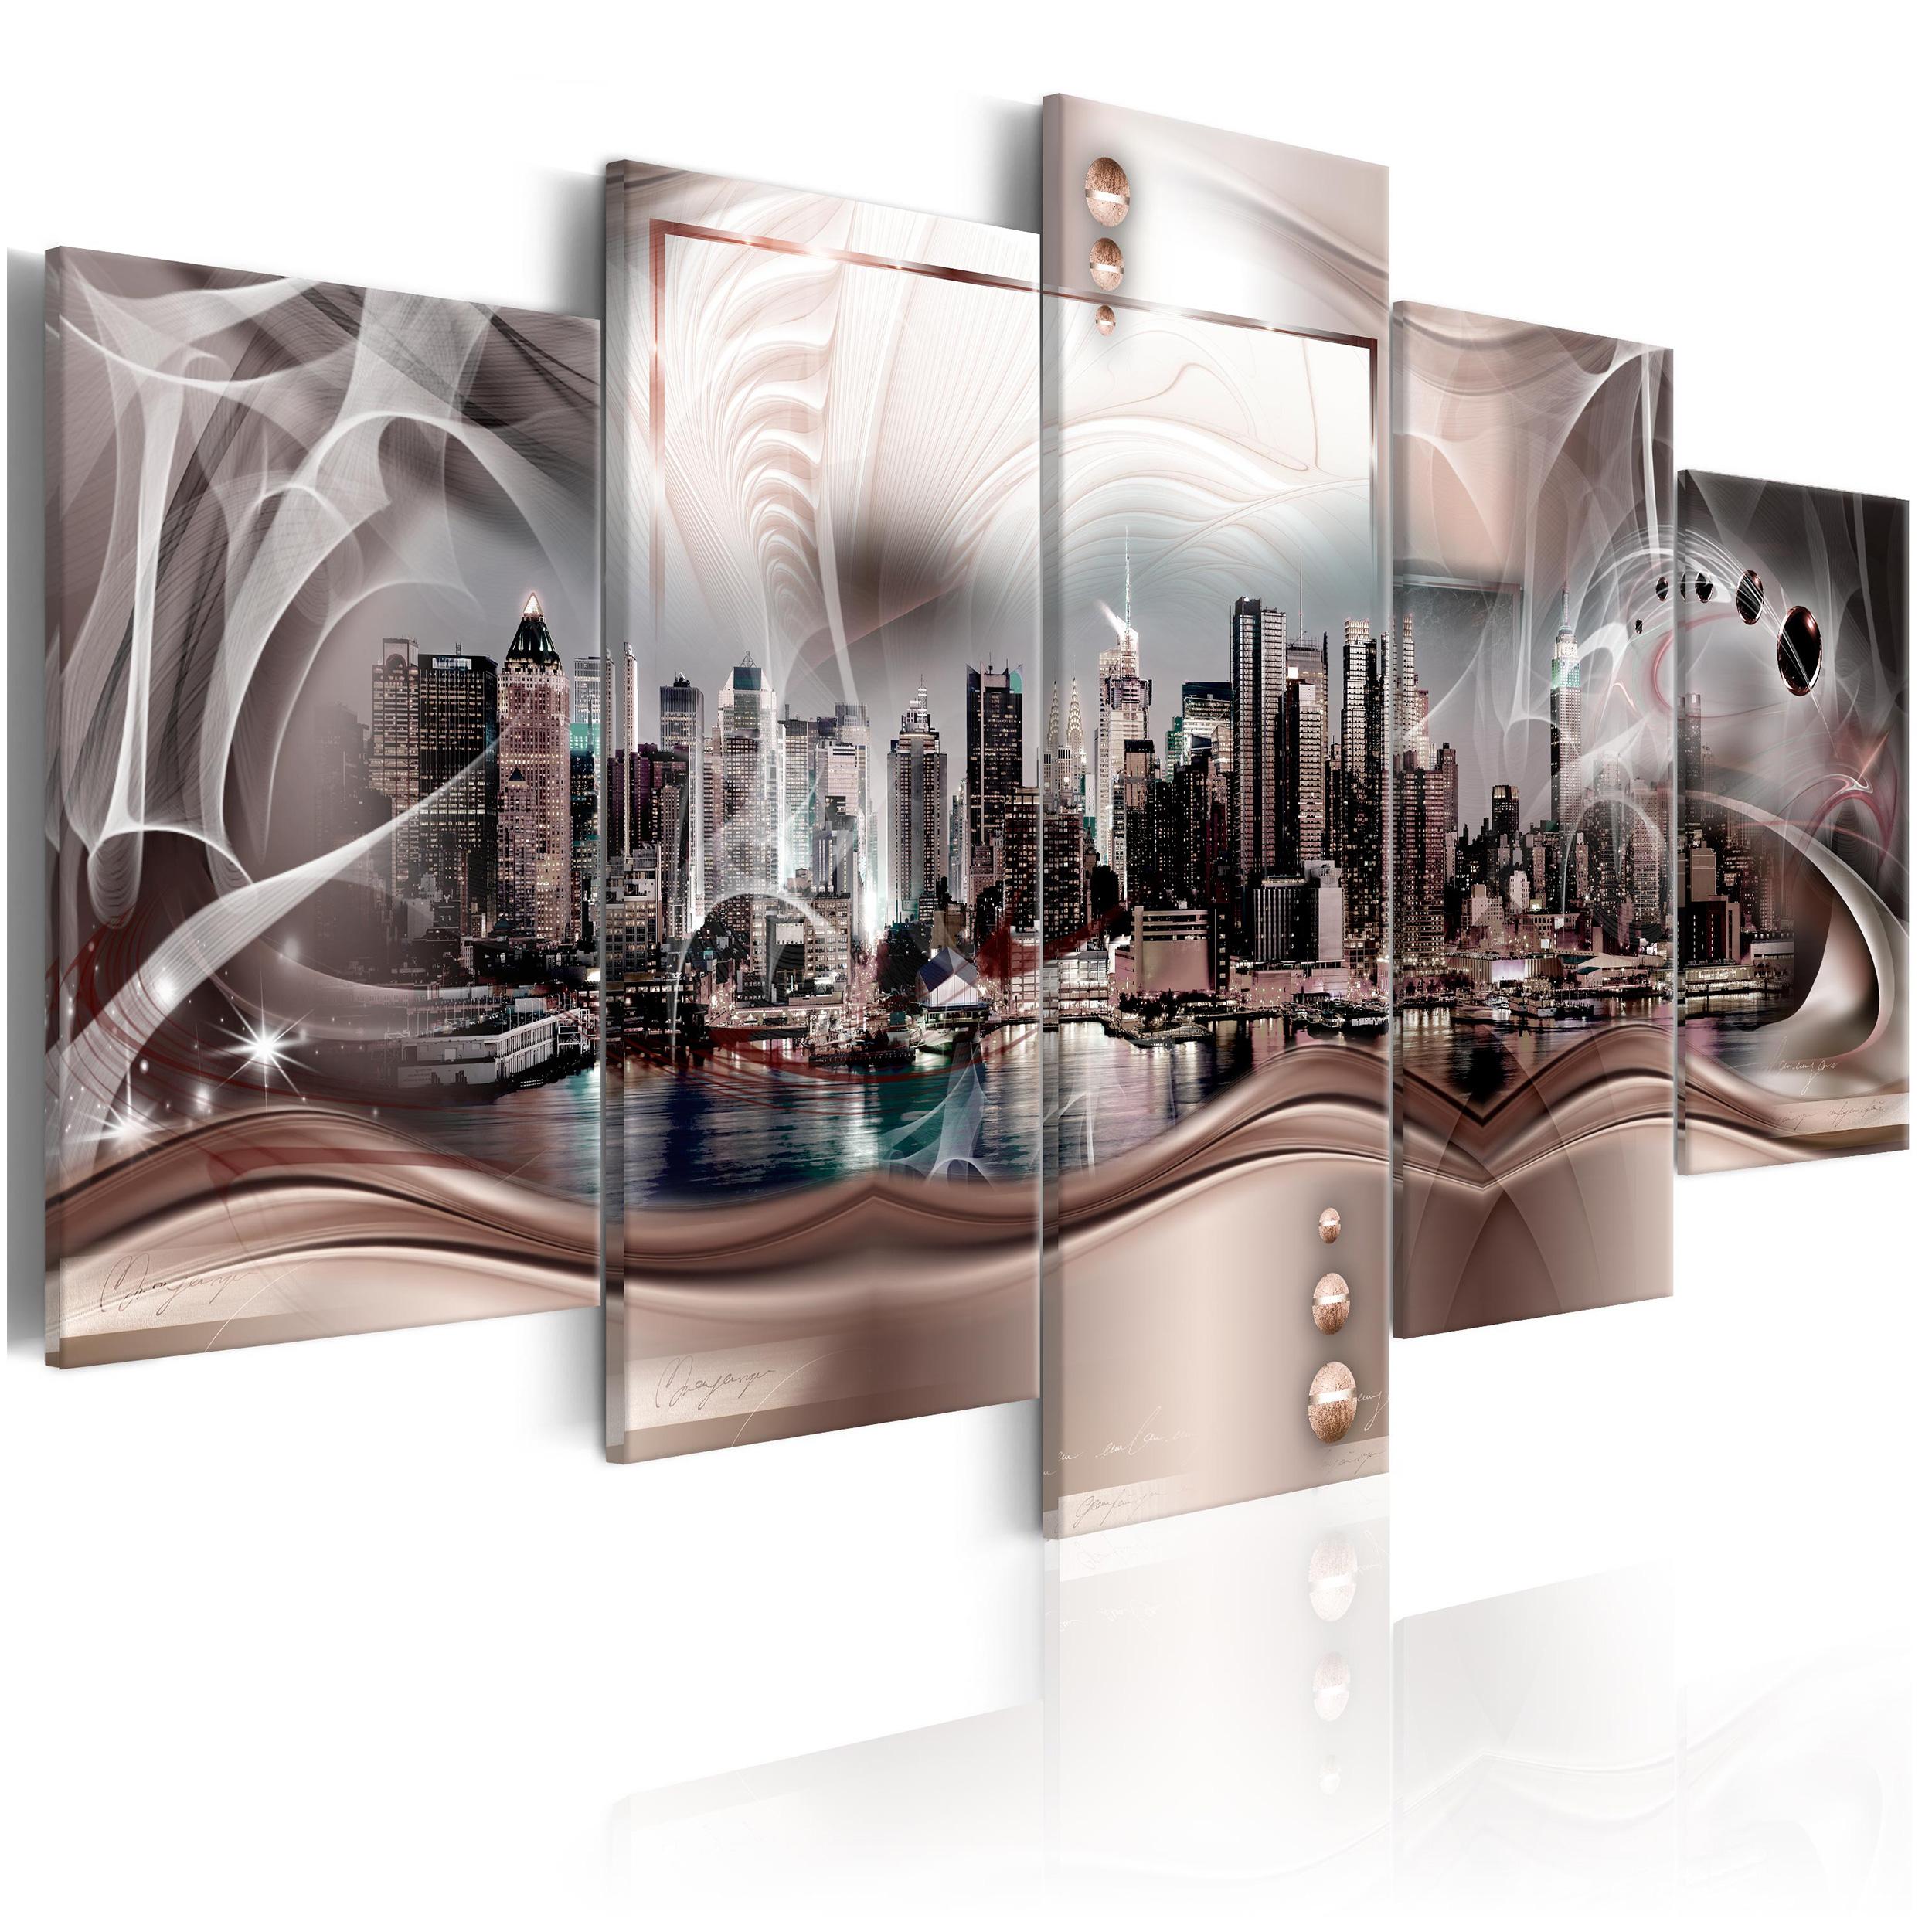 Leinwand bilder new york skyline abstrakt ornamente for Wandbilder wohnzimmer abstrakt